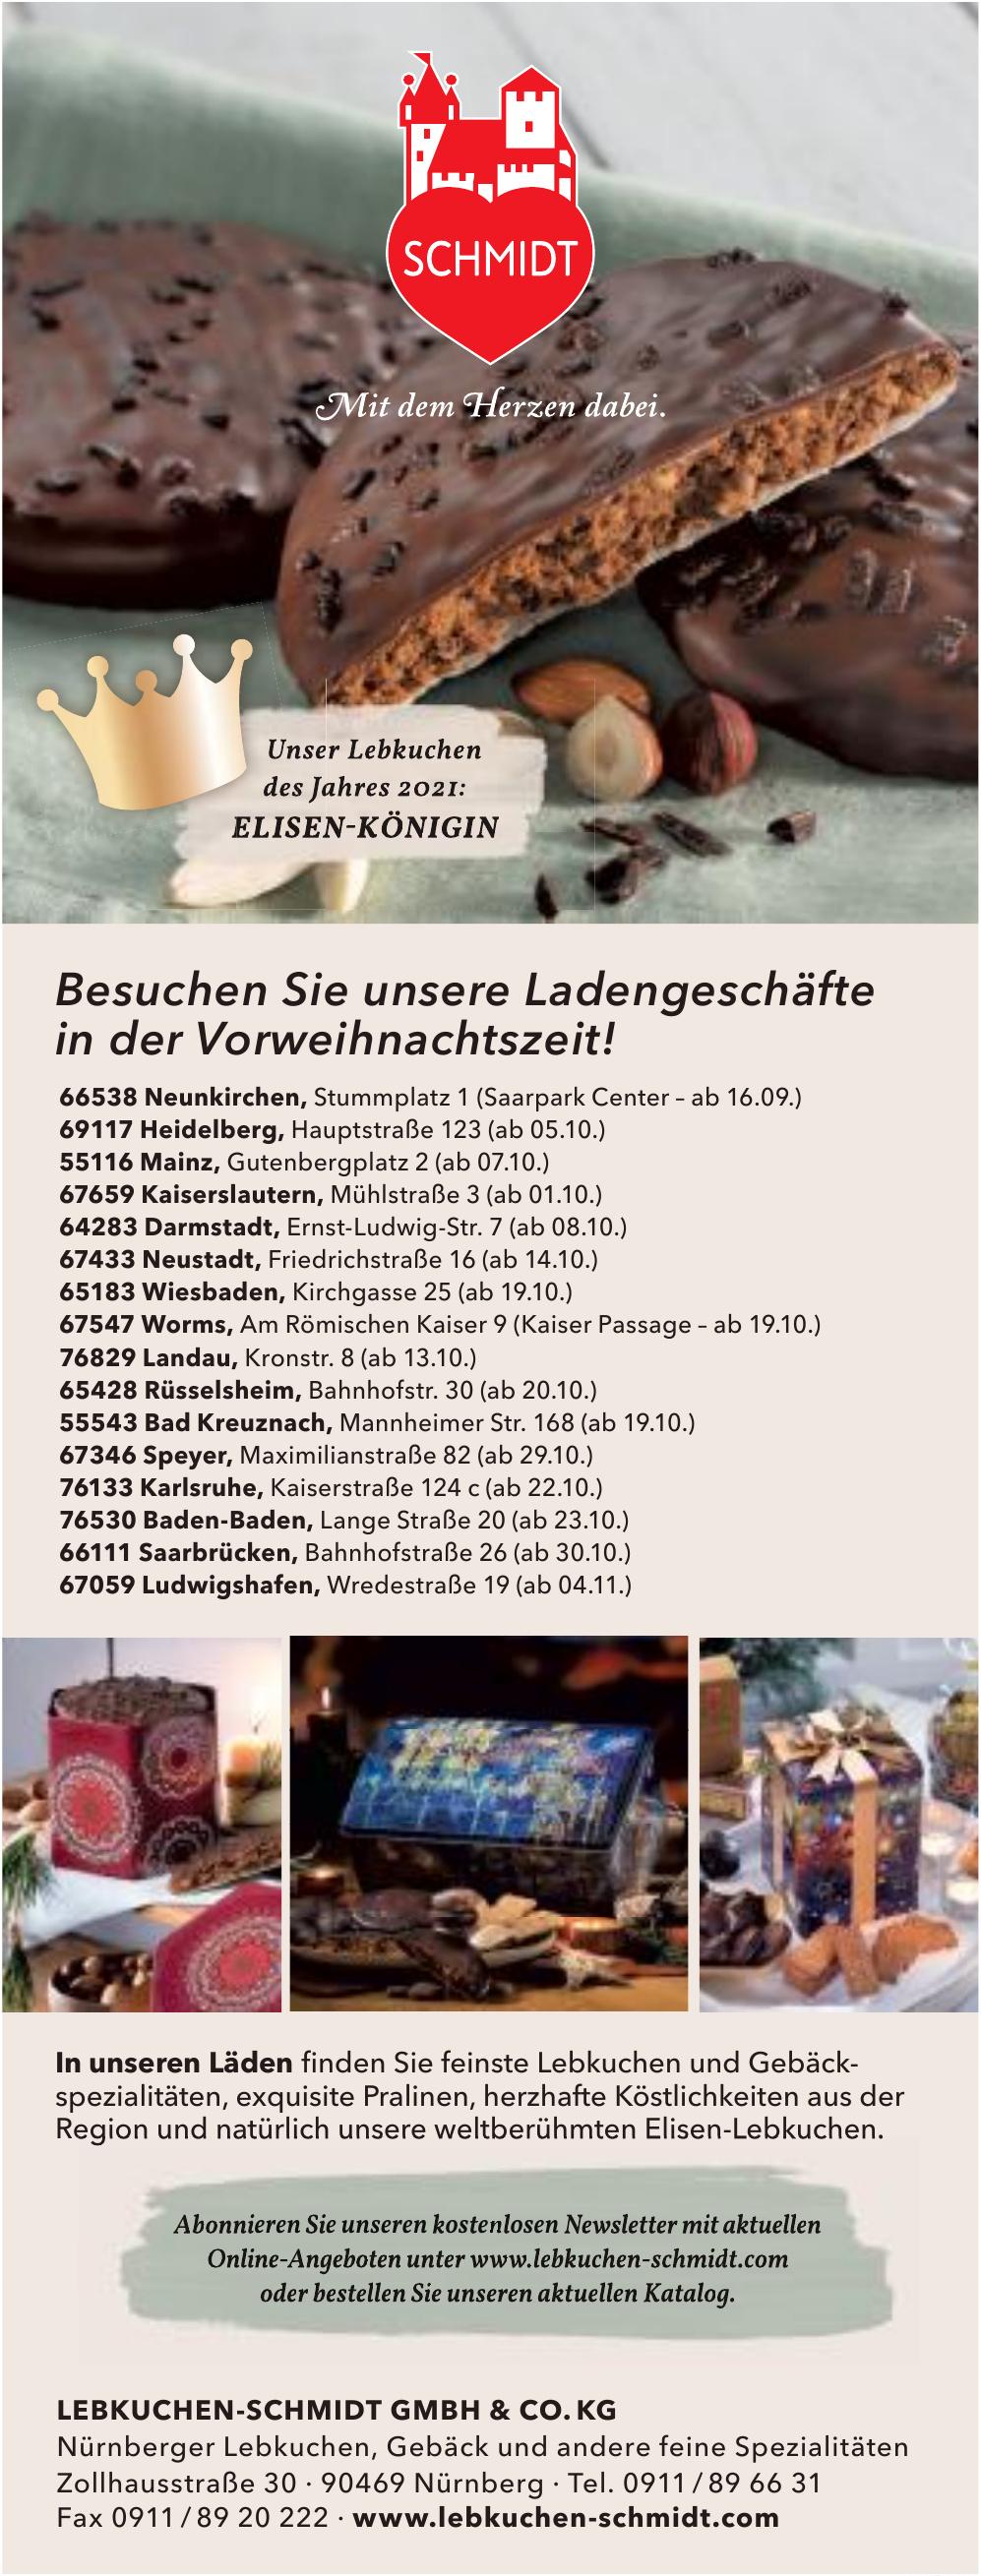 Lebkuchen-Schmidt GmbH & Co. KG